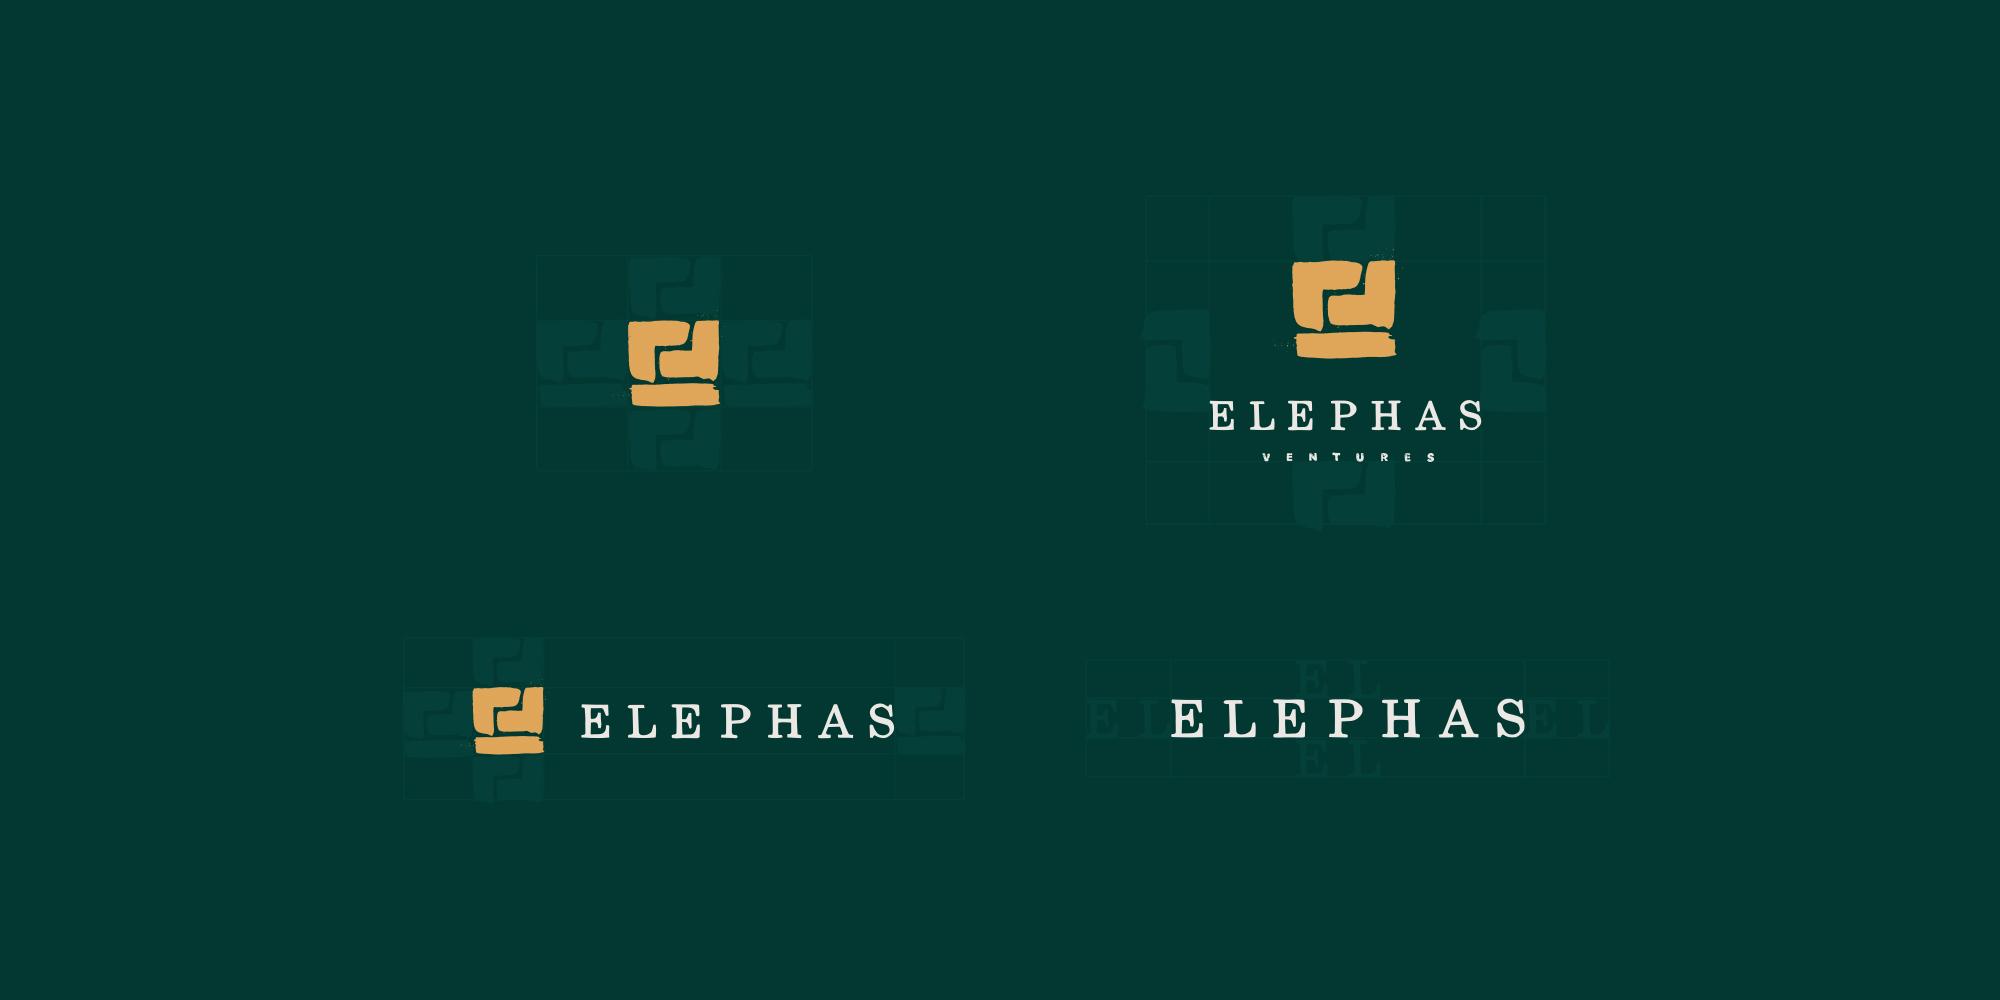 Elephas_Logo_Branding_JulieEckertDesign_9.jpg